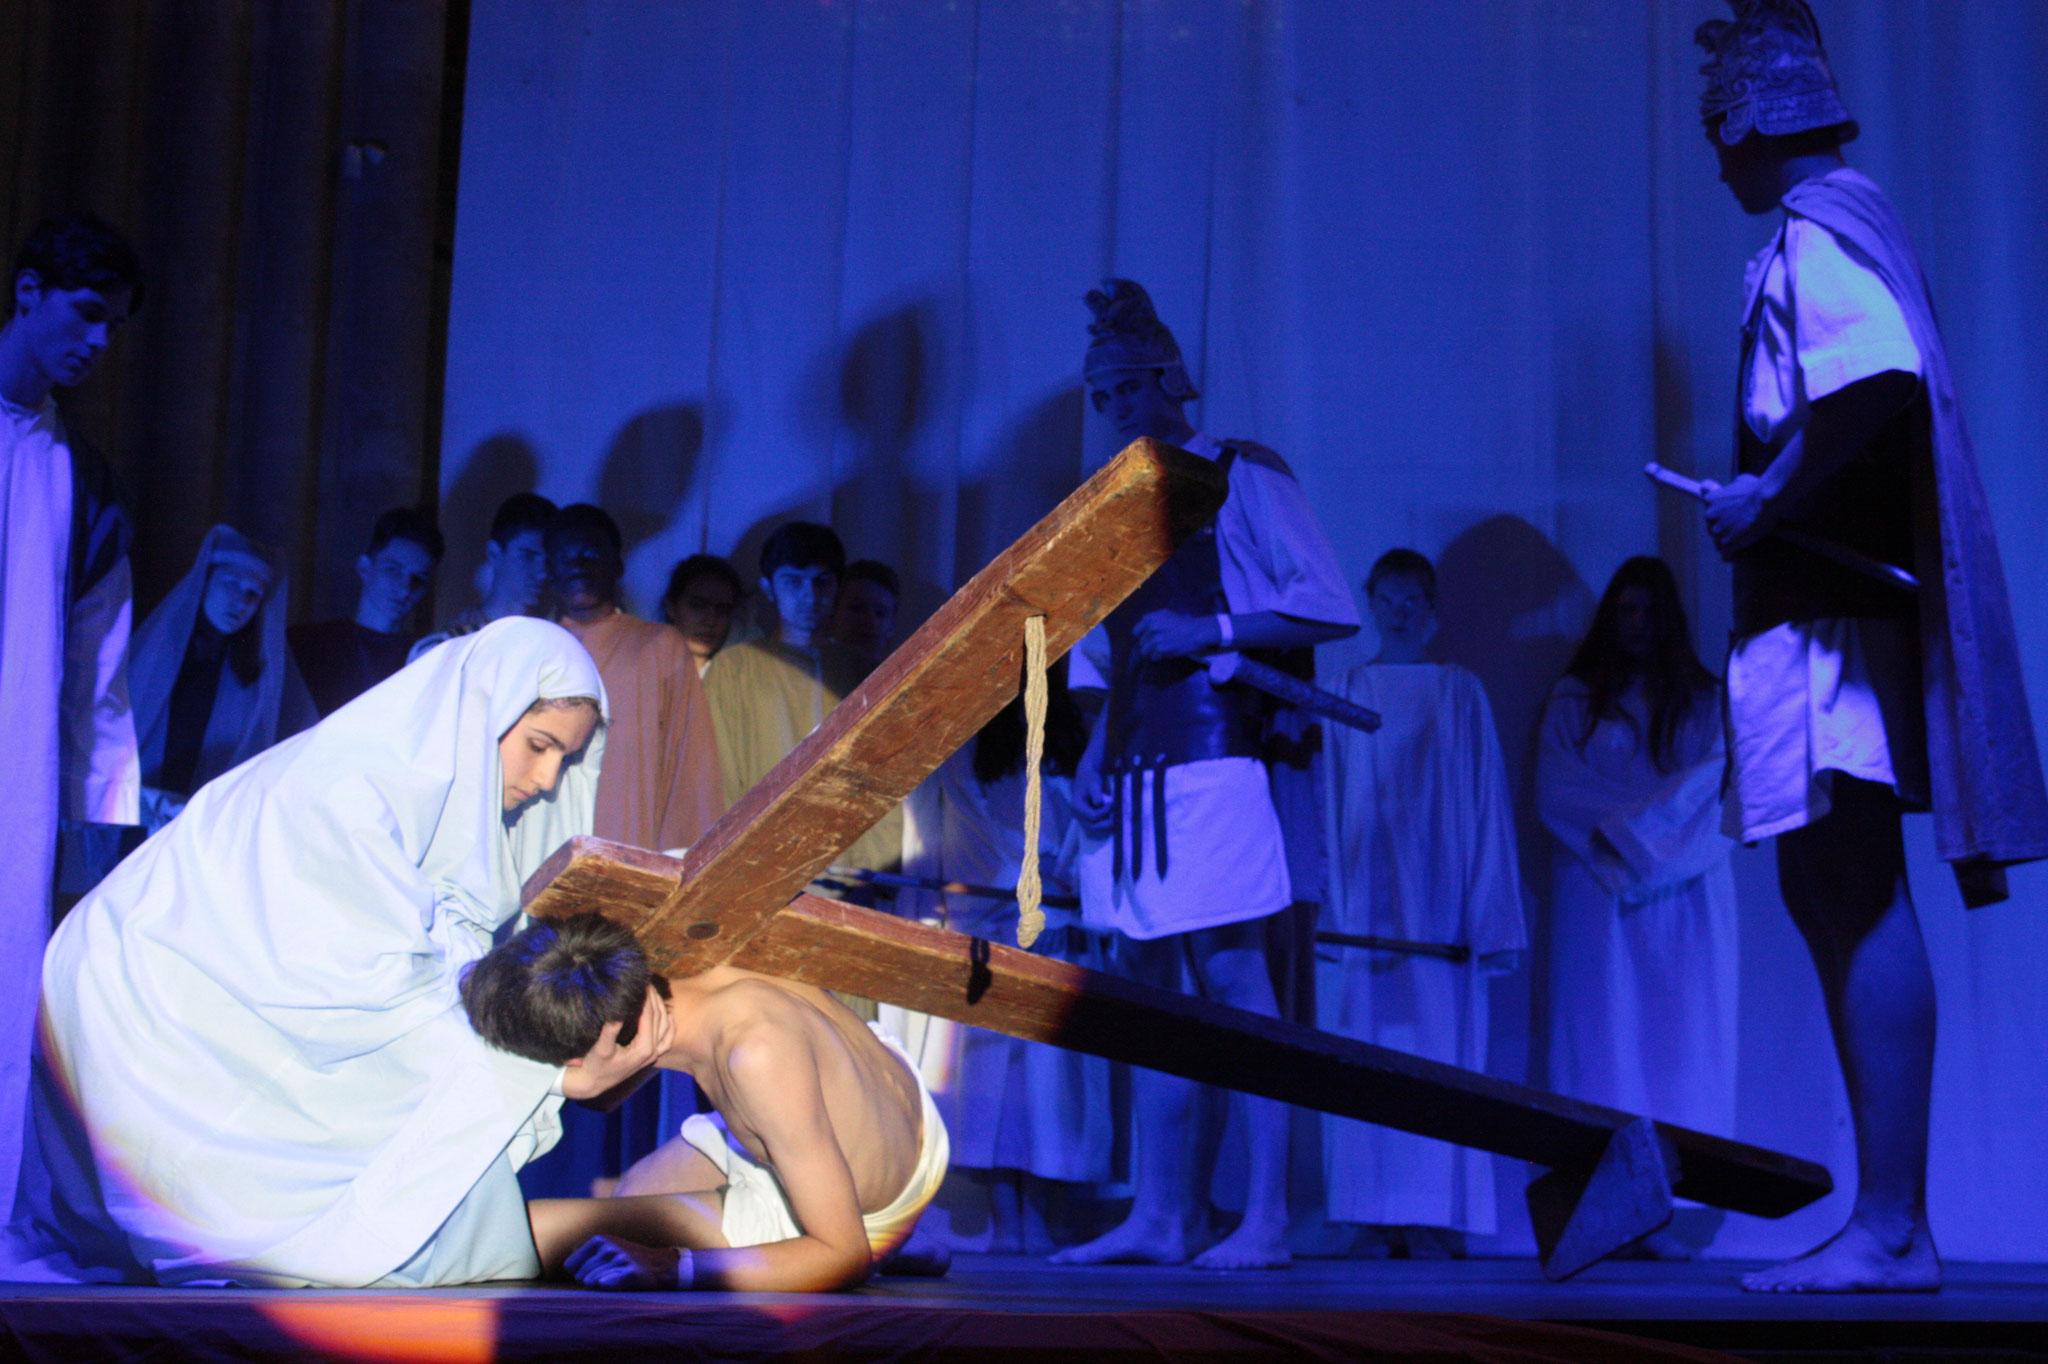 Le chemin de croix - (c) JDR